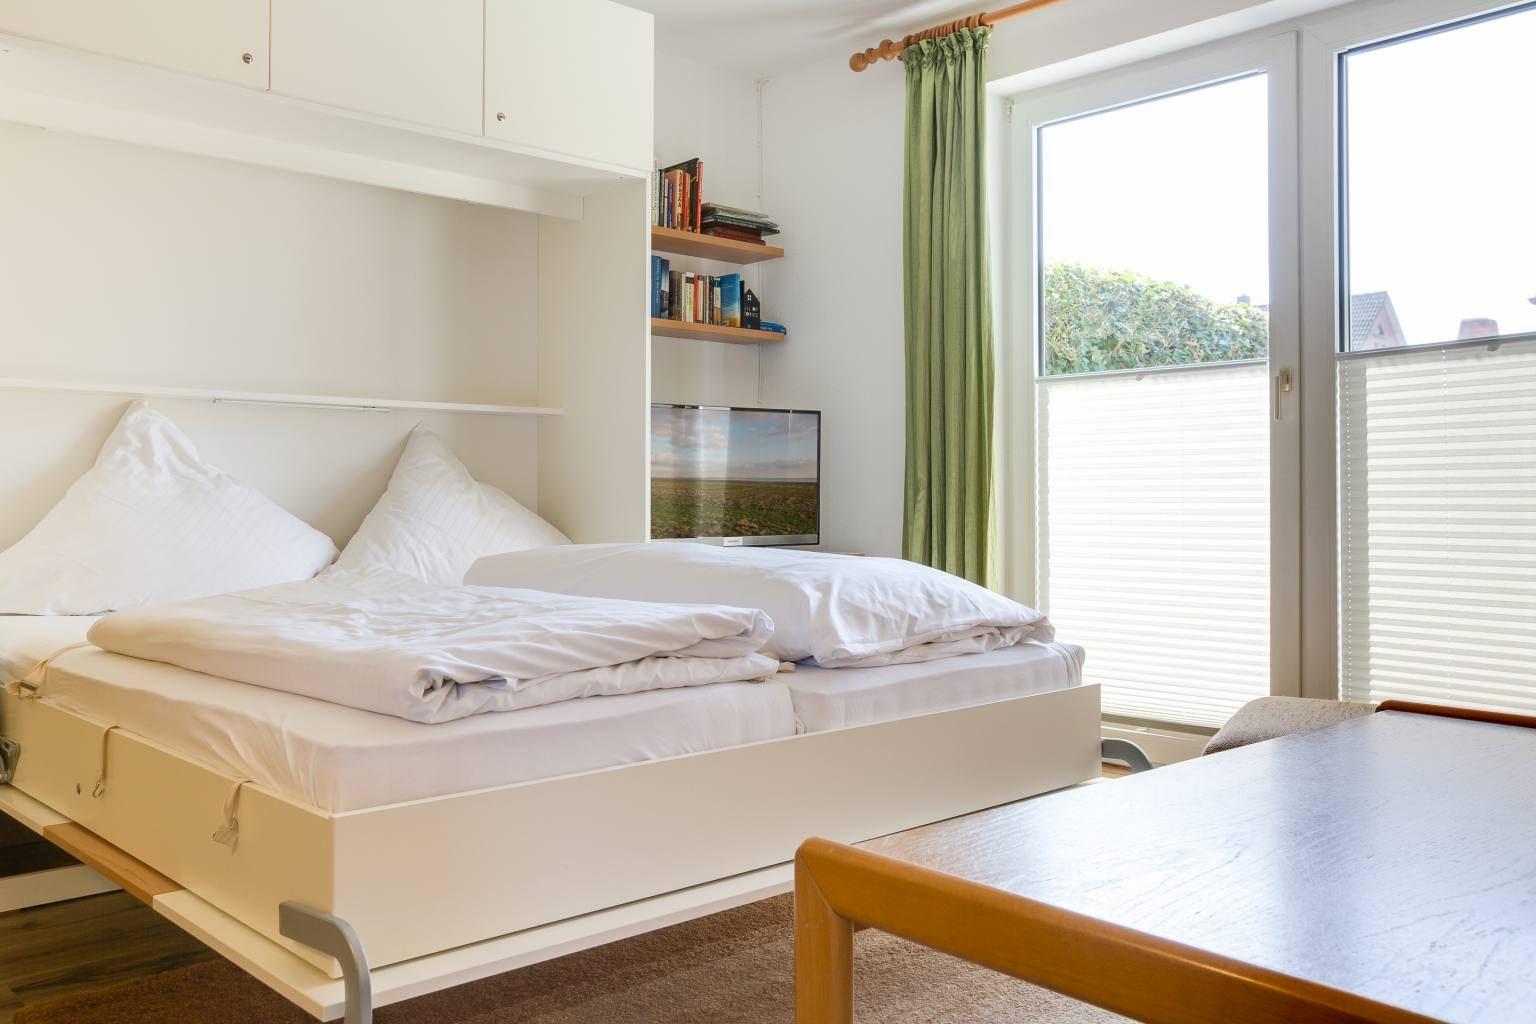 Wohnzimmer mit Schrankbett - St Peter Ording Dorf, Haus Badallee 28a, Wohnung Schwalbennest 2 (EG hinten)